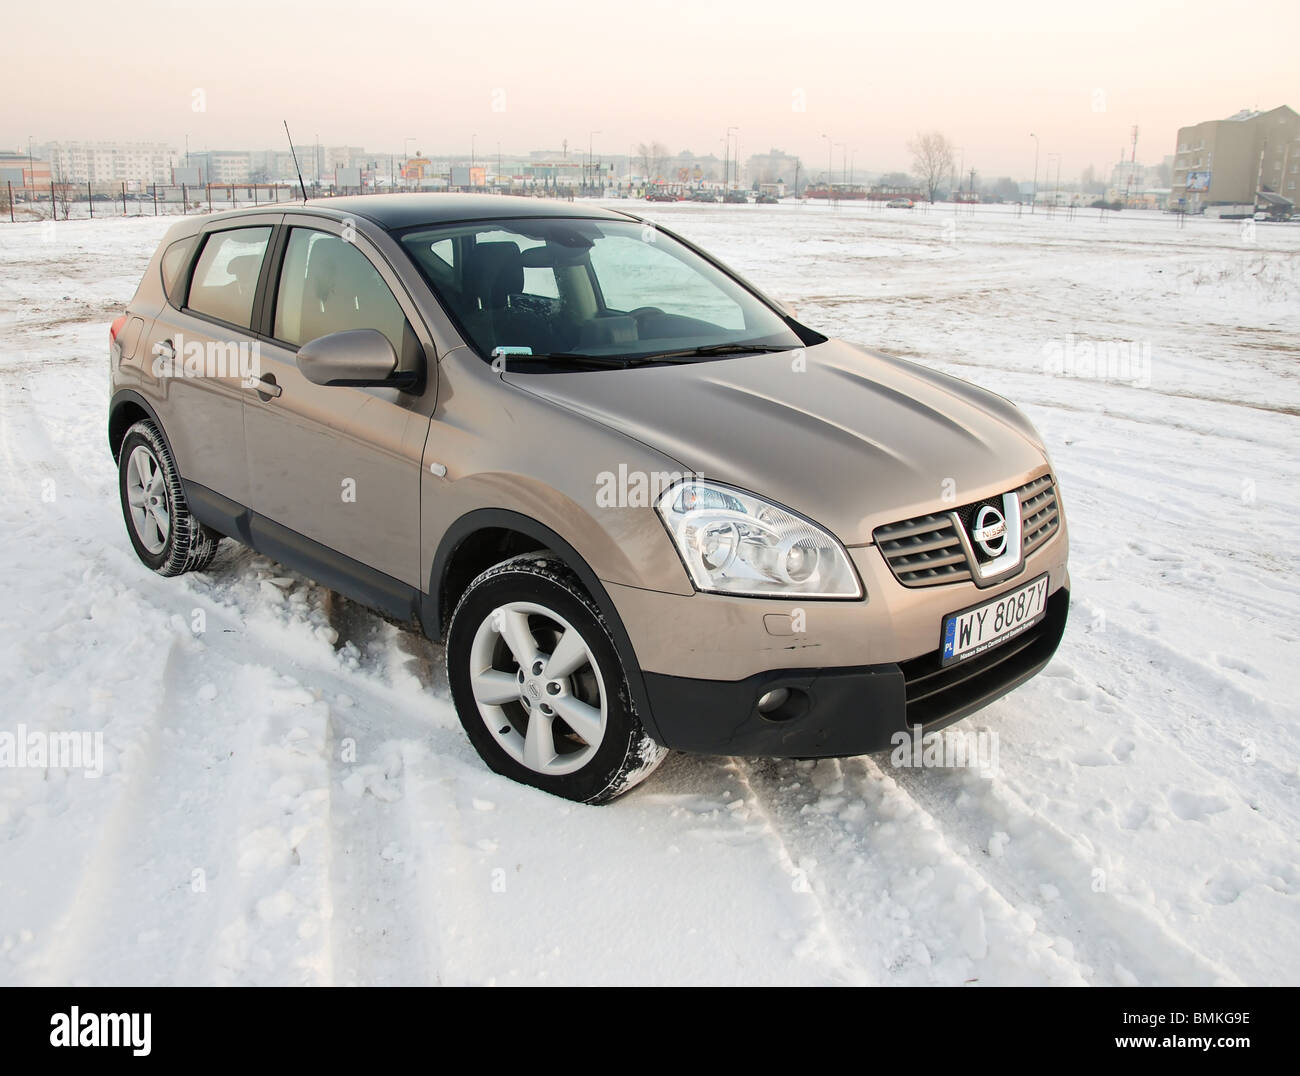 Nissan Qashqai 2.0 dCi 4x4 - 2007 - beige metallic - five doors (5D) - Japan popular compact SUV -  snow, winter - Stock Image